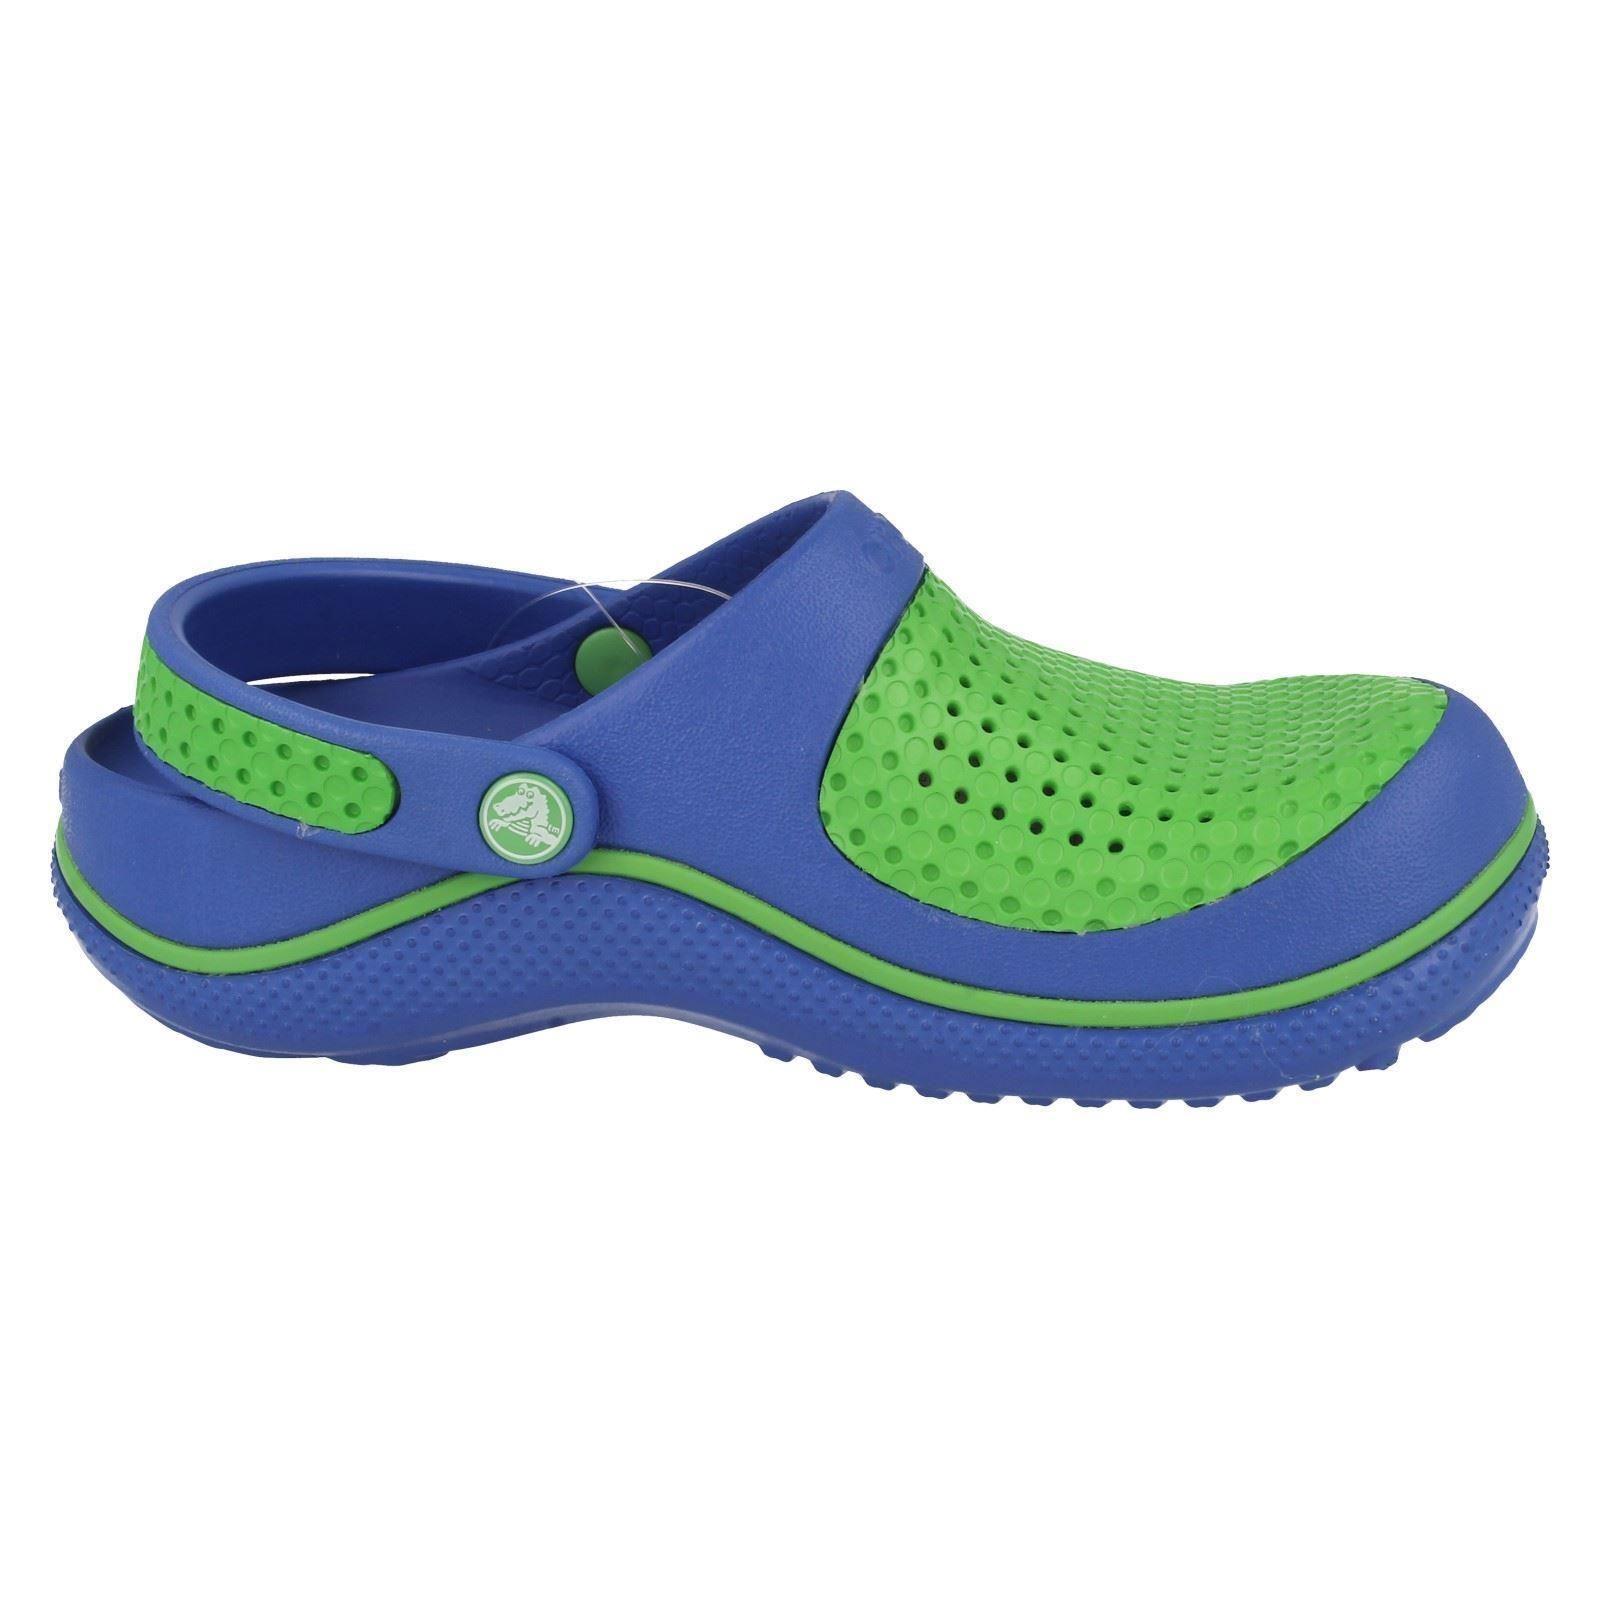 Childrens Crocs Beach/Summer Sandals